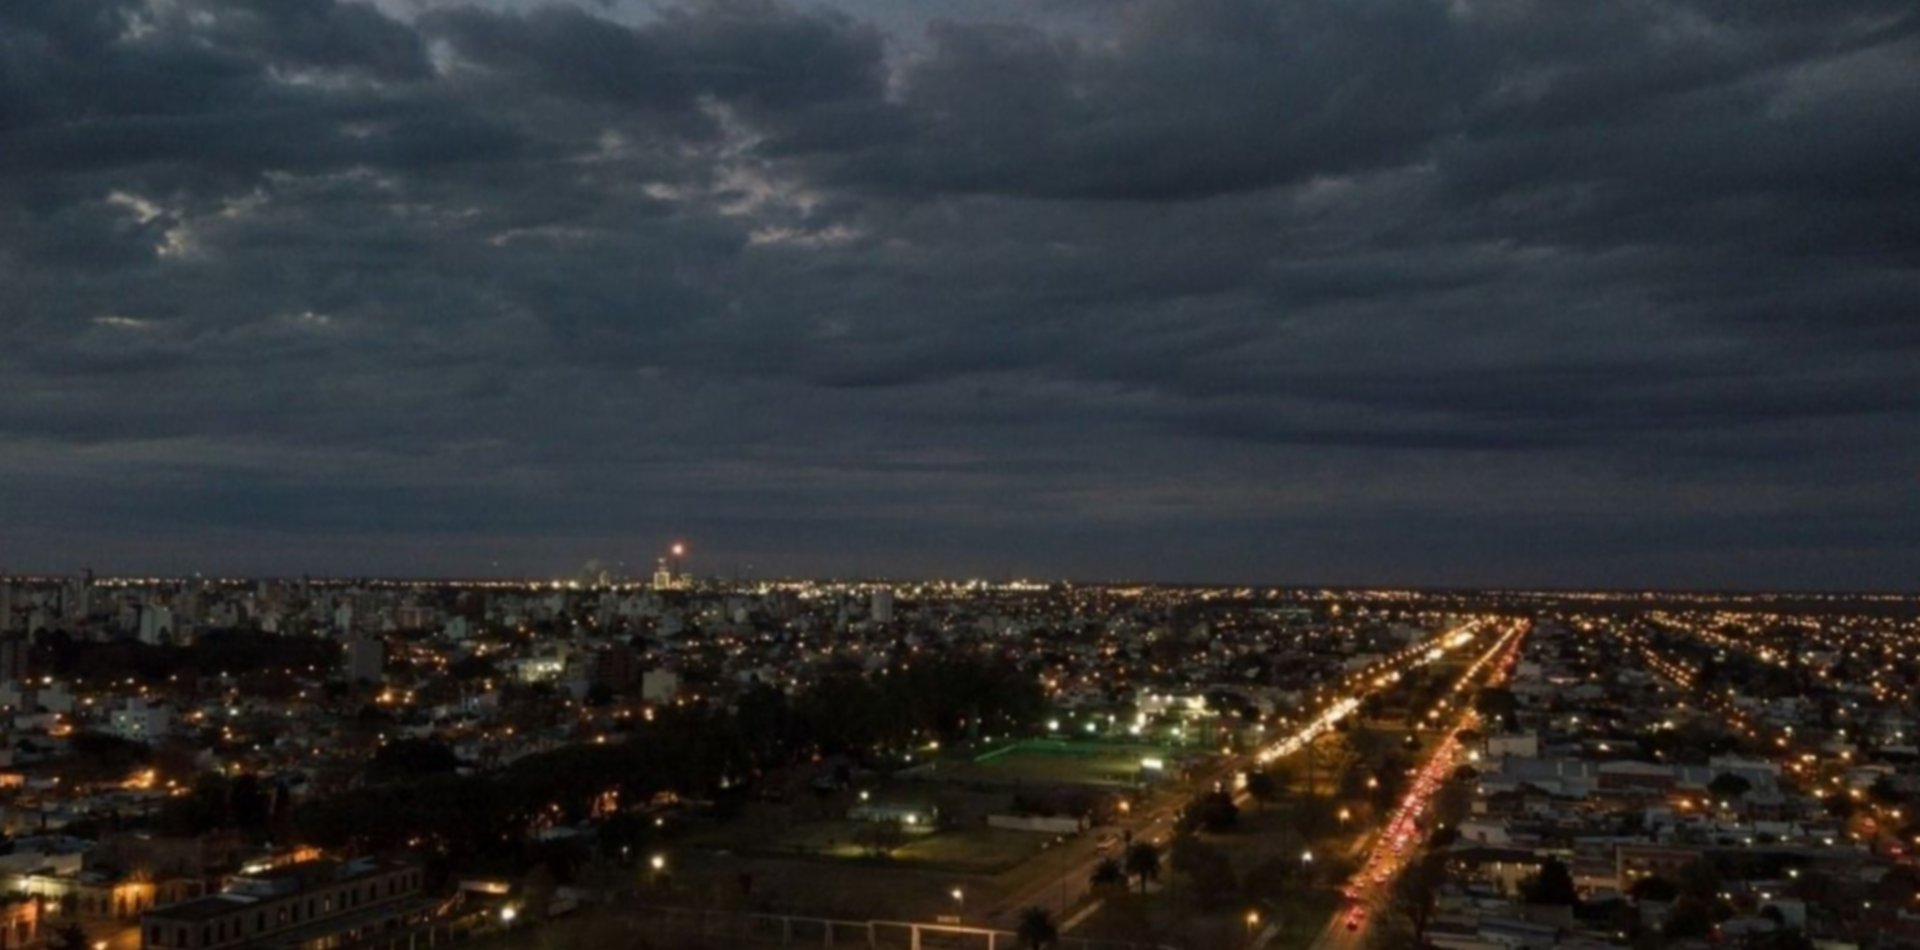 El Gobierno argentino reveló archivos secretos de ovnis por primera vez en la historia